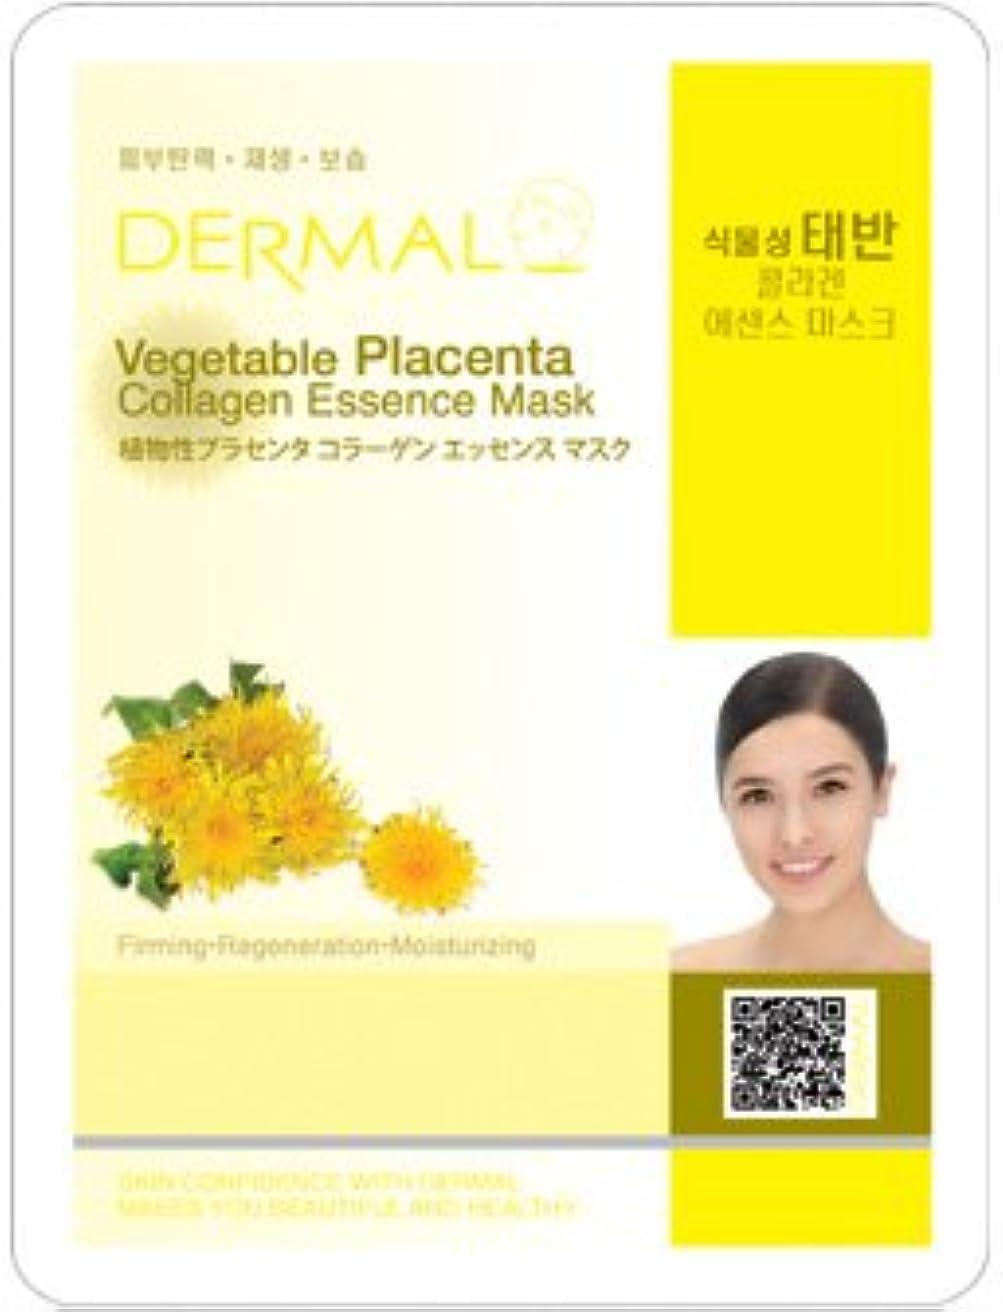 共産主義乳製品ガスシート マスク 植物性プラセンタ ダーマル Dermal 23g (10枚セット) フェイス パック